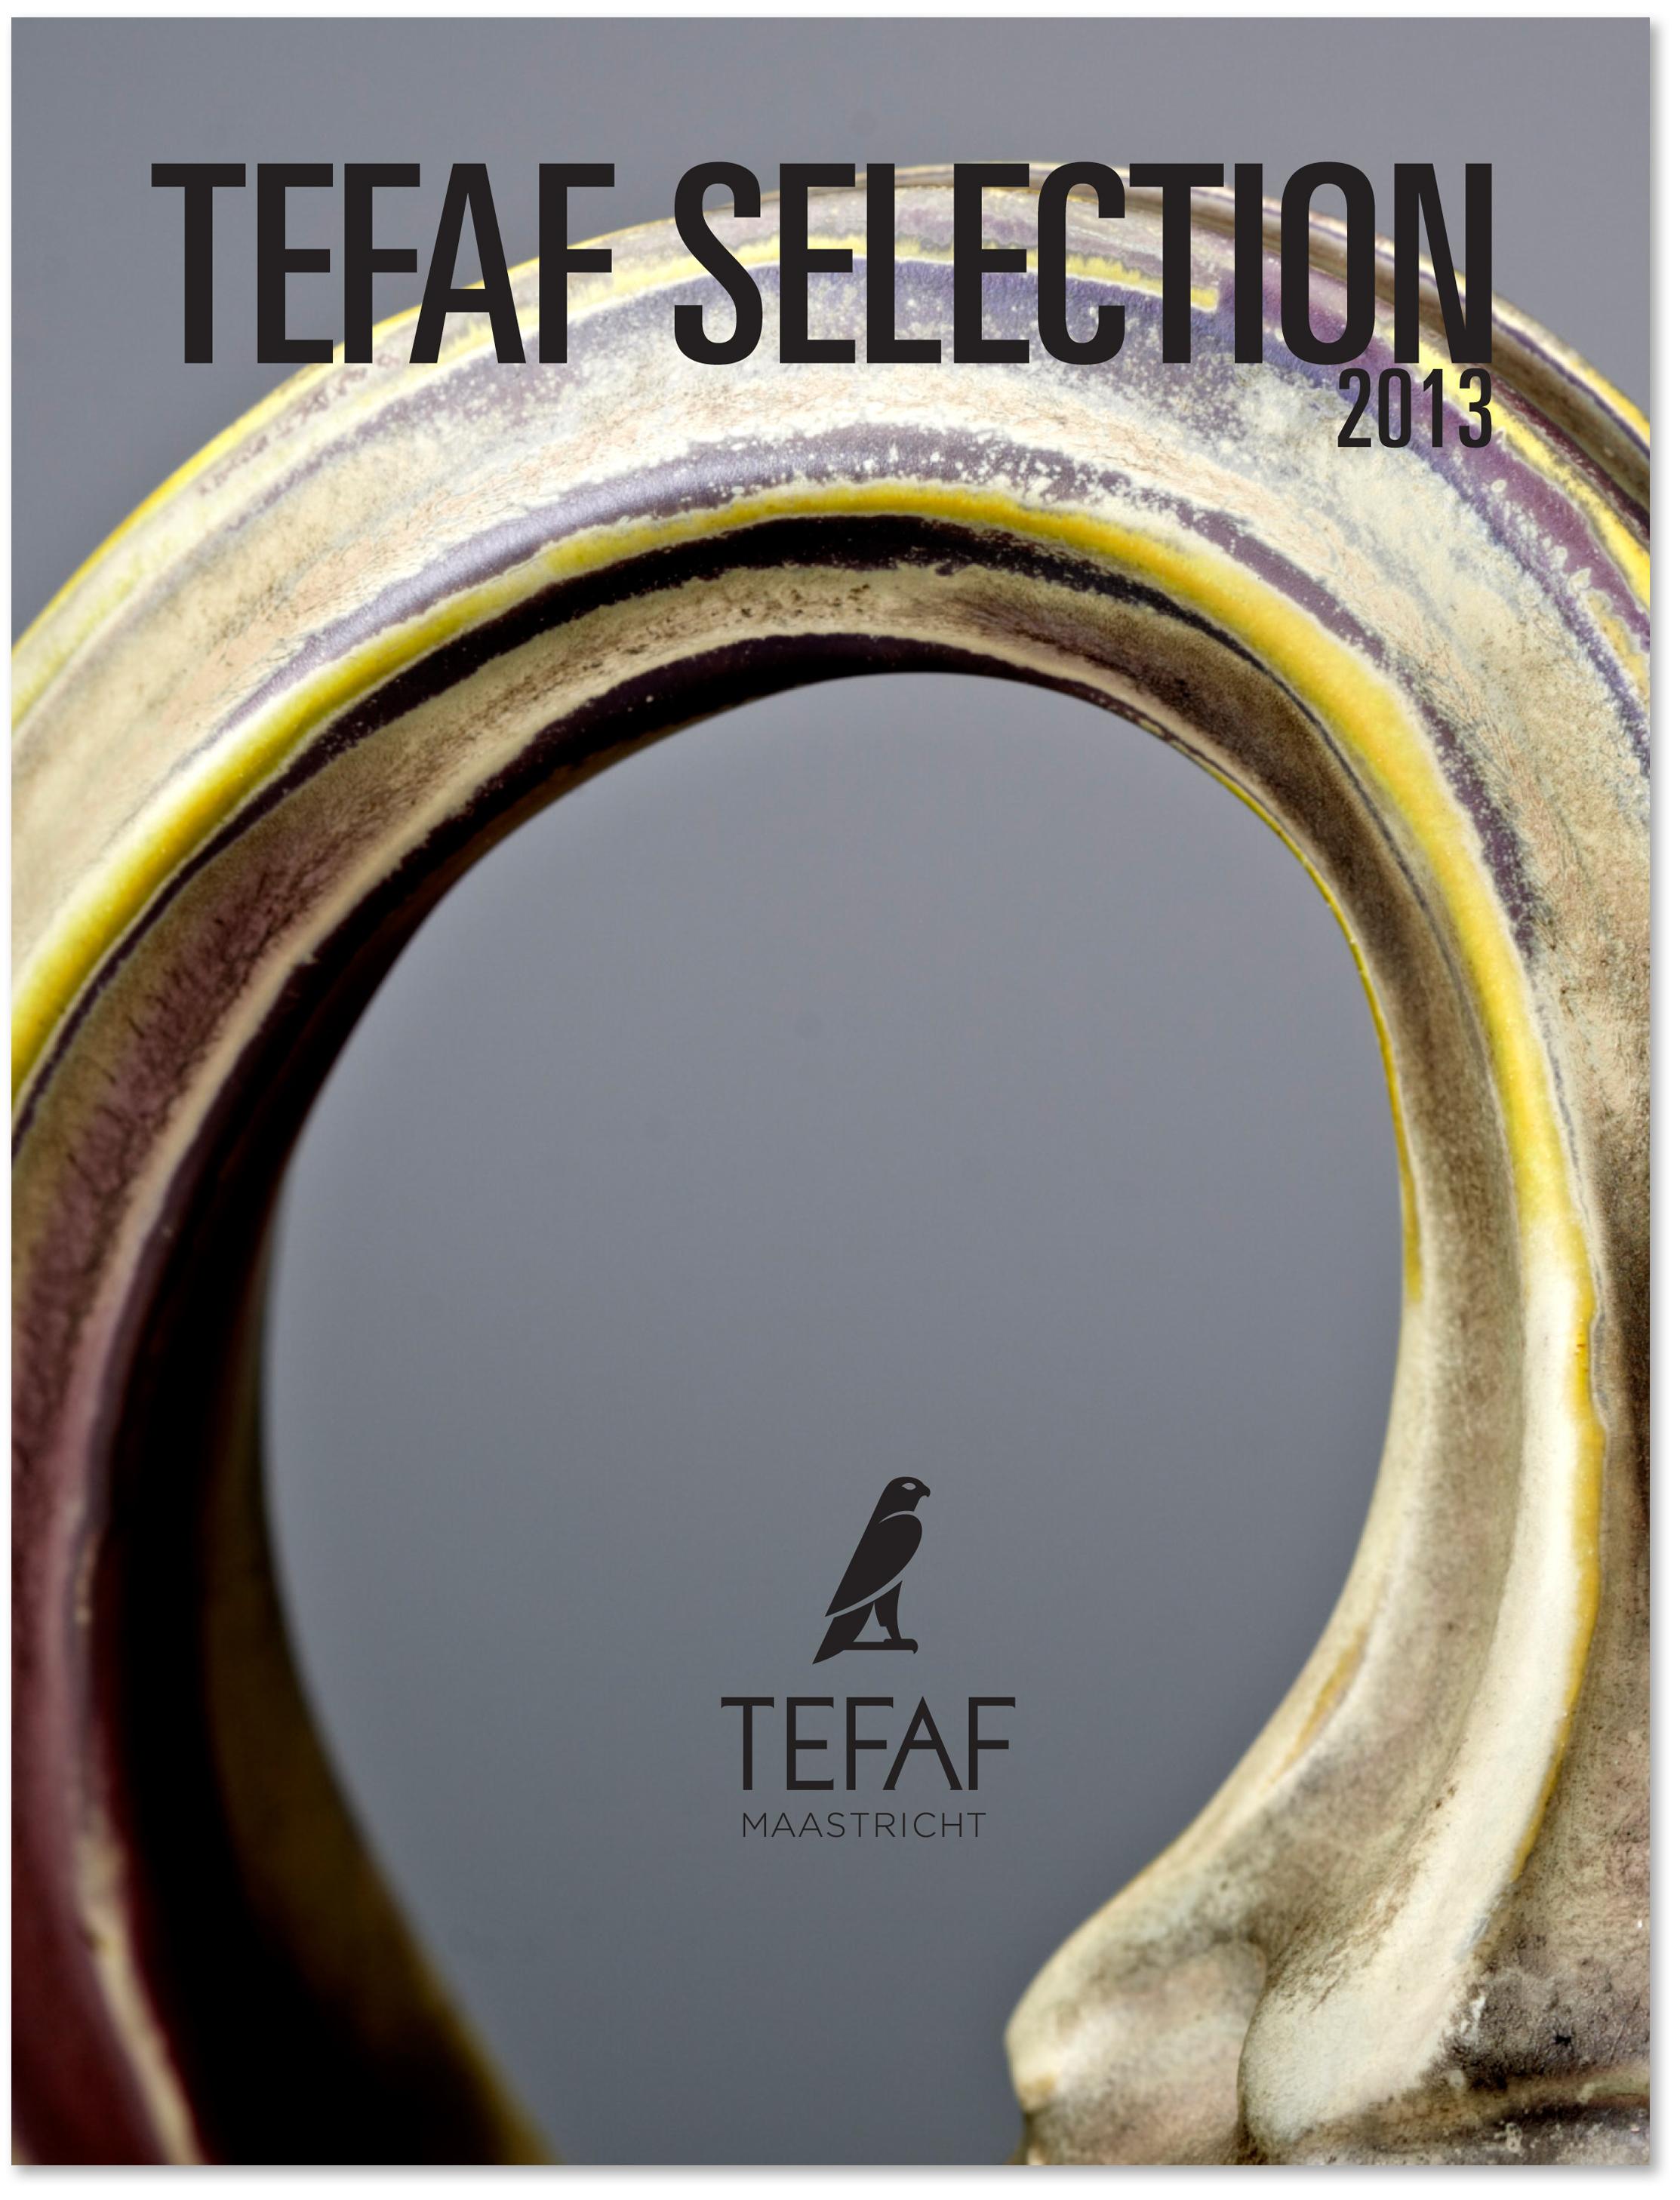 TEFAF Selection Catalog design